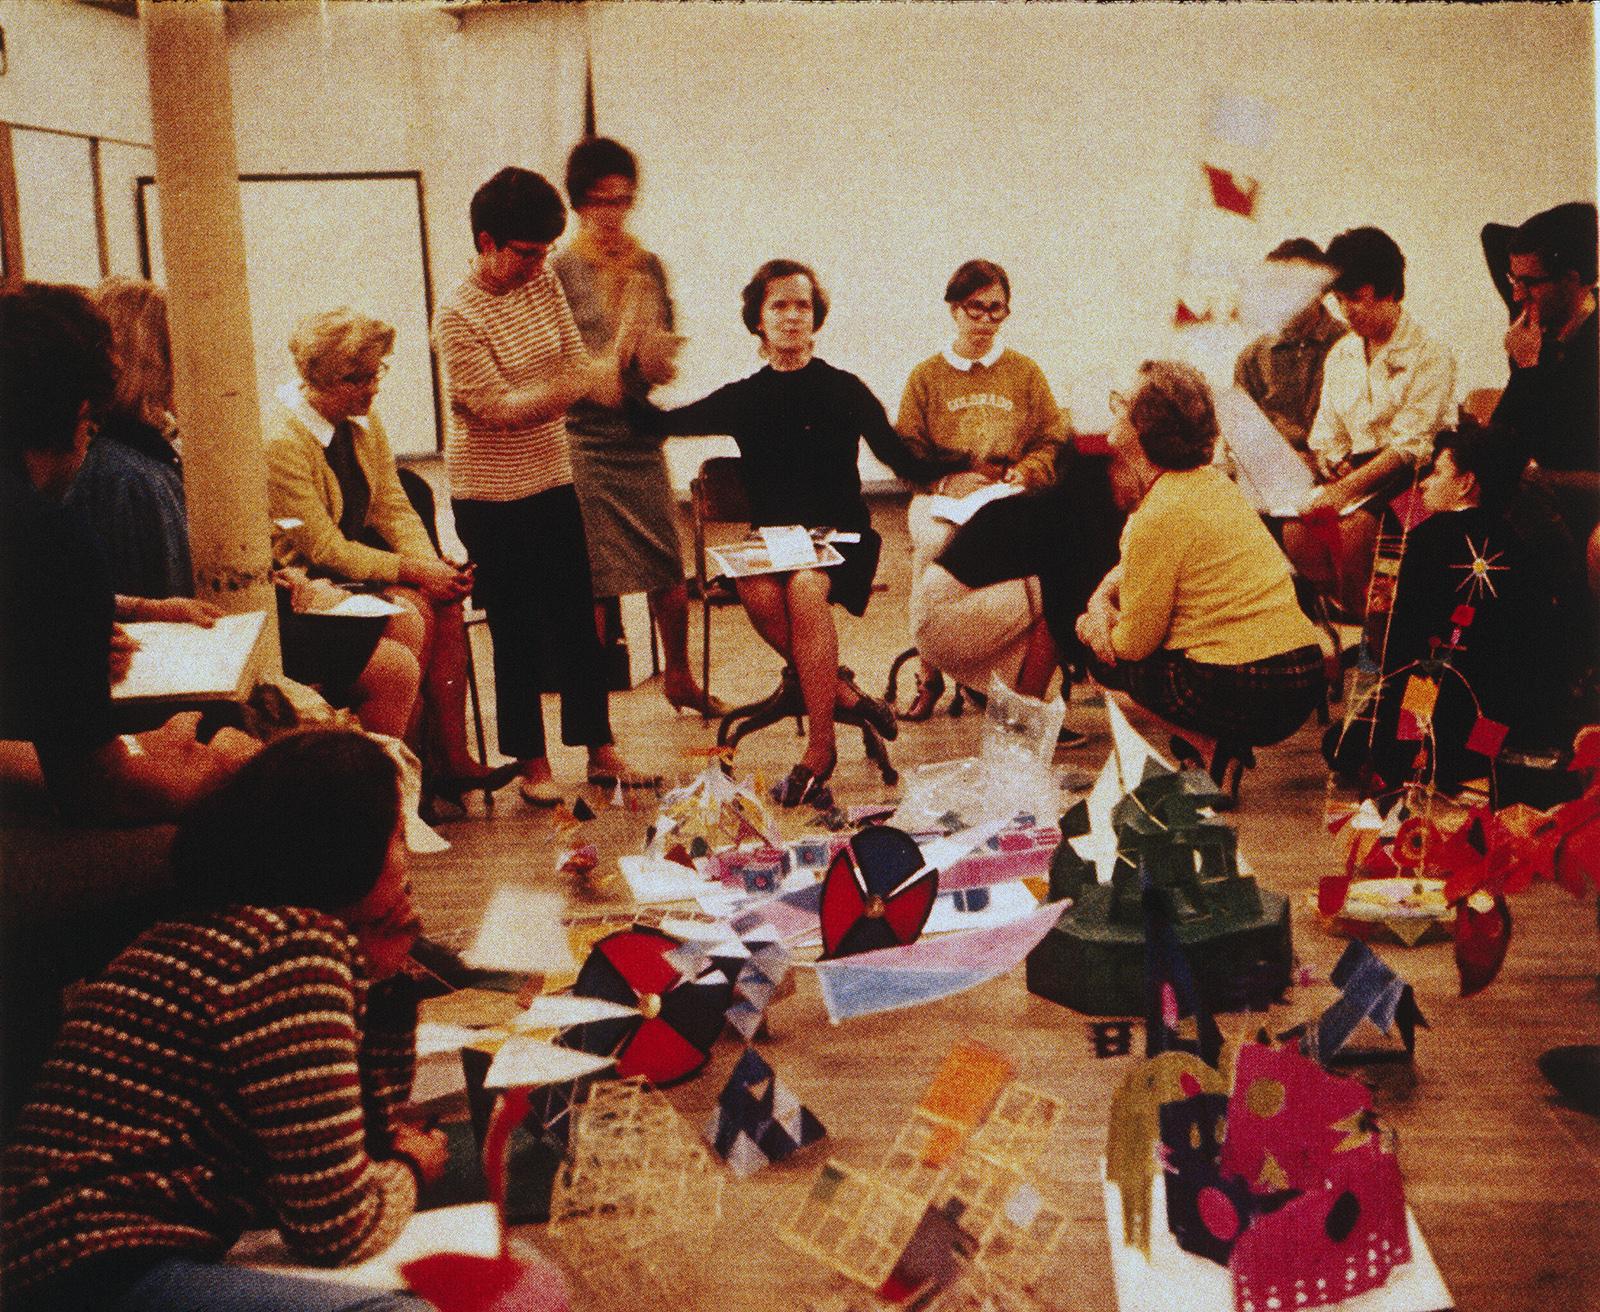 Corita Kent, center, teaches an art class. Photo courtesy of Corita Art Center/Immaculate Heart Community